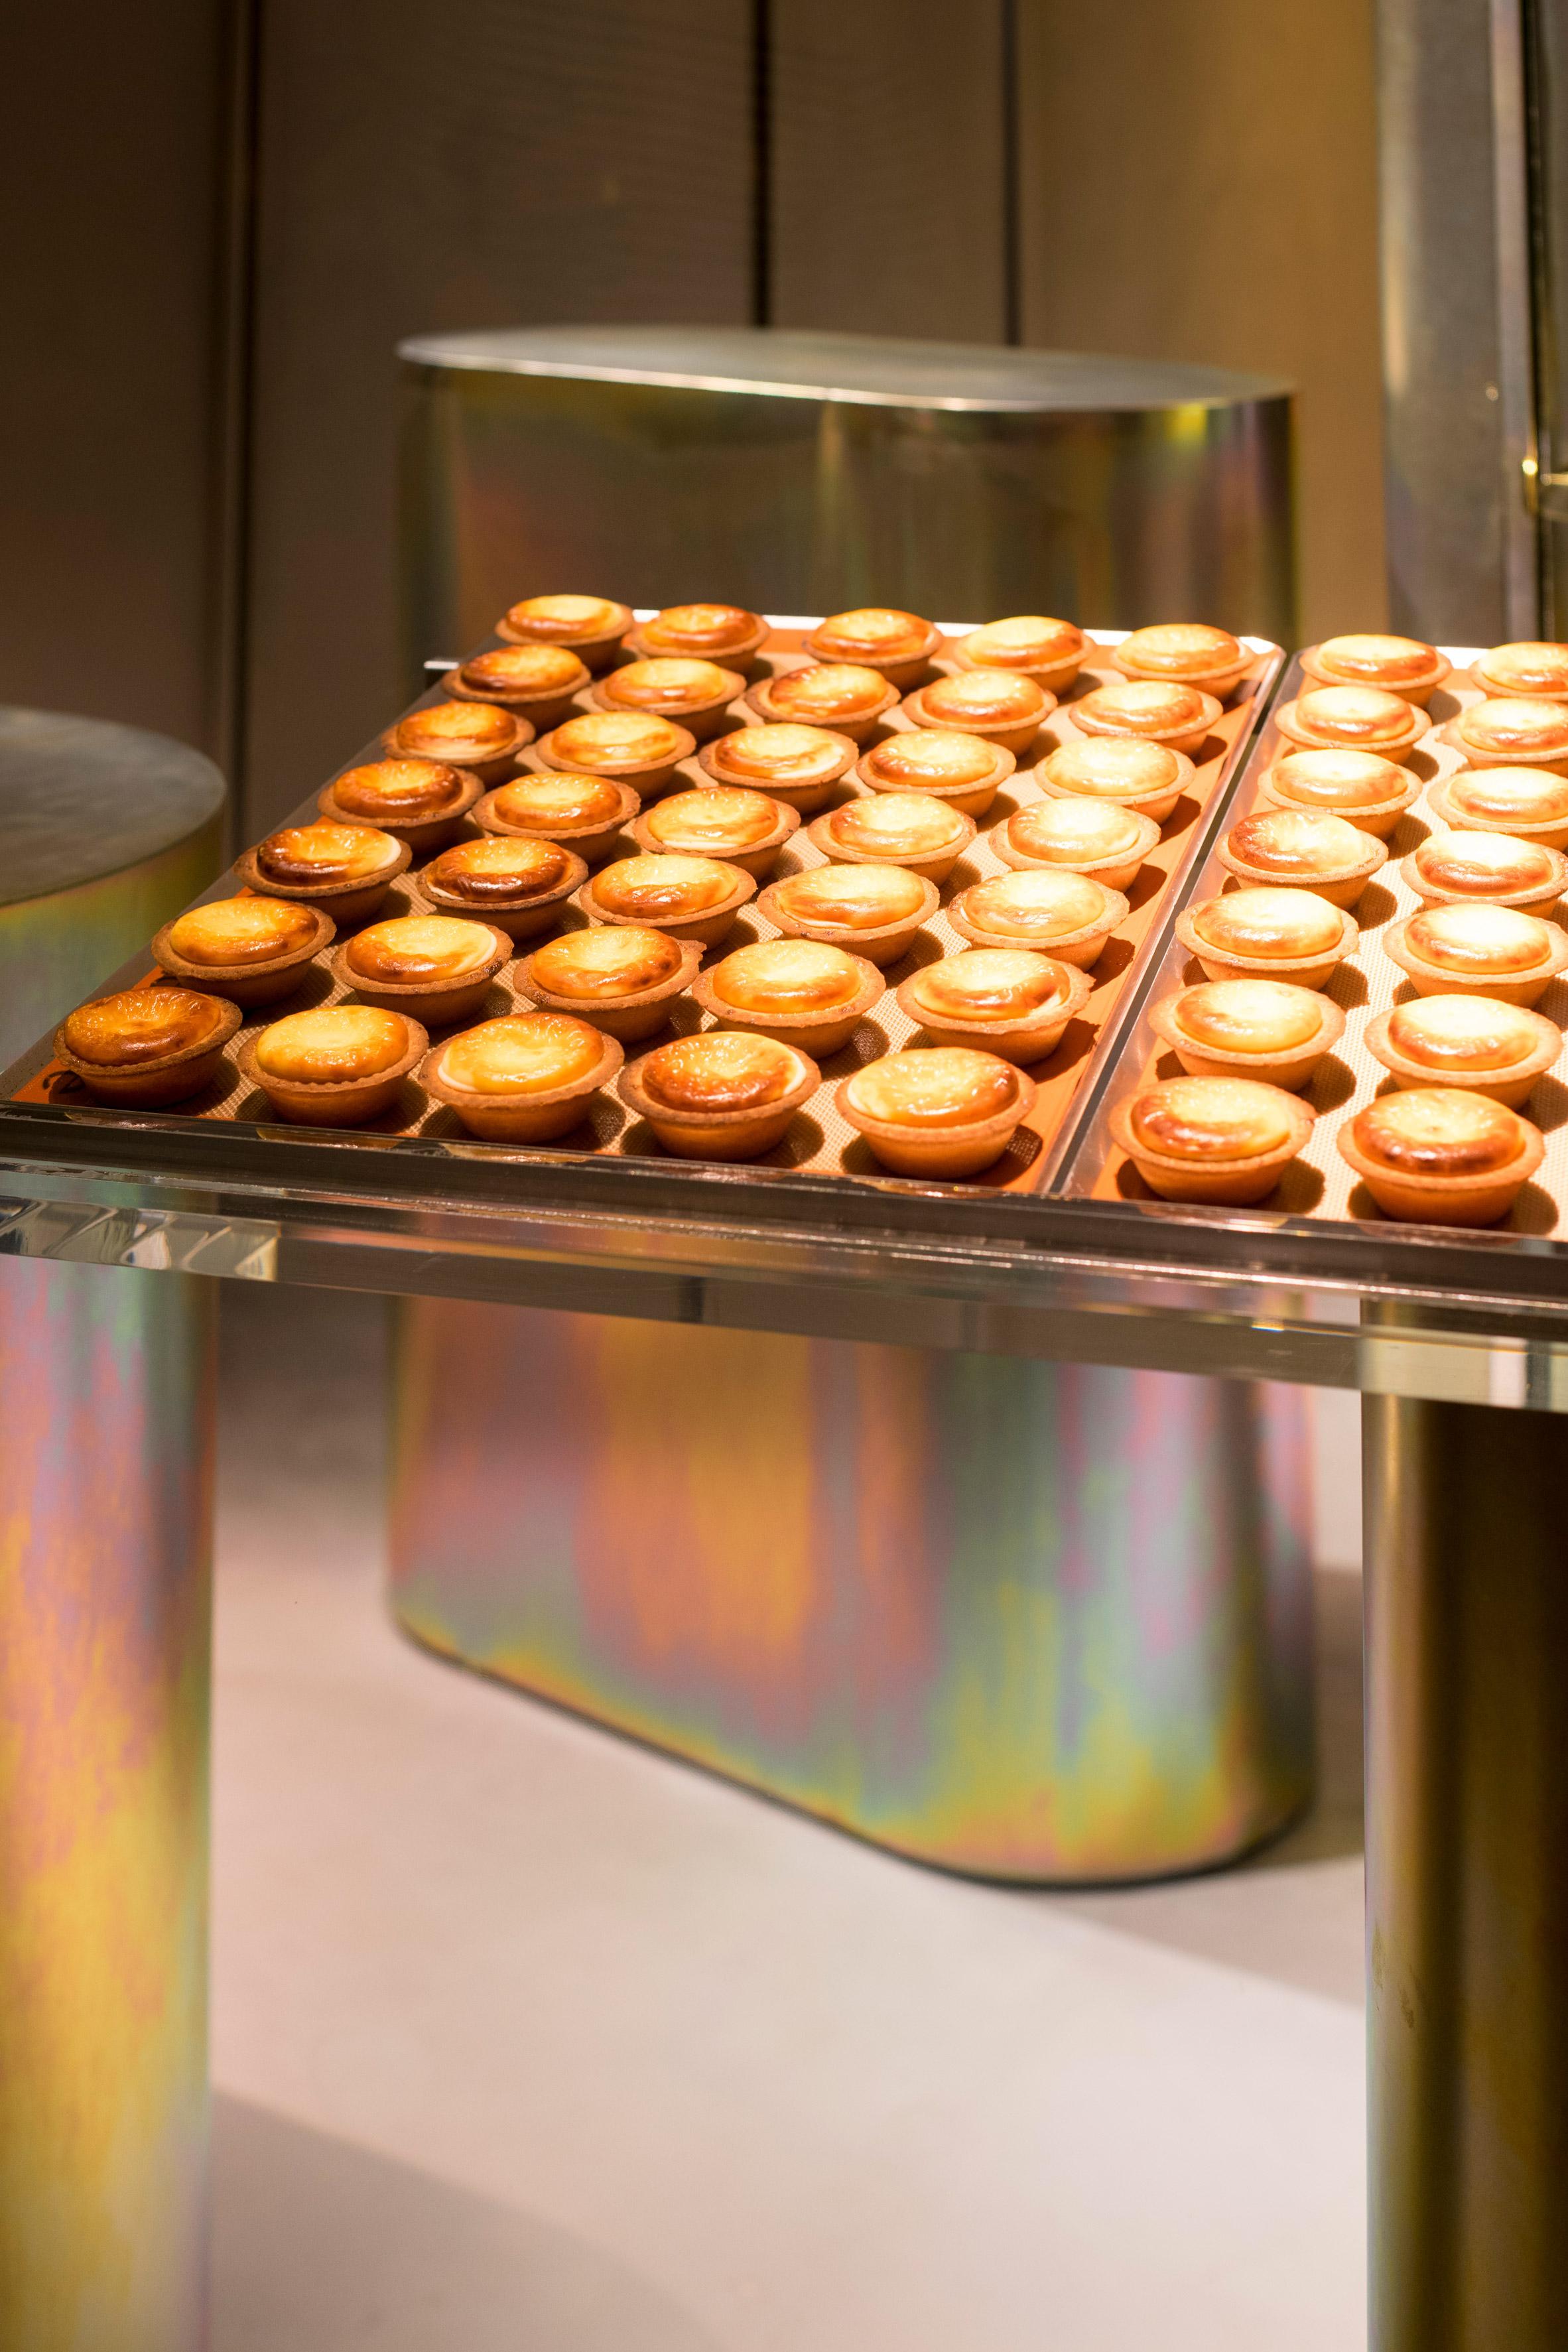 bake-cheese-tart-fumitaka-suzuki-interiors-retail-shops-japan.jpg